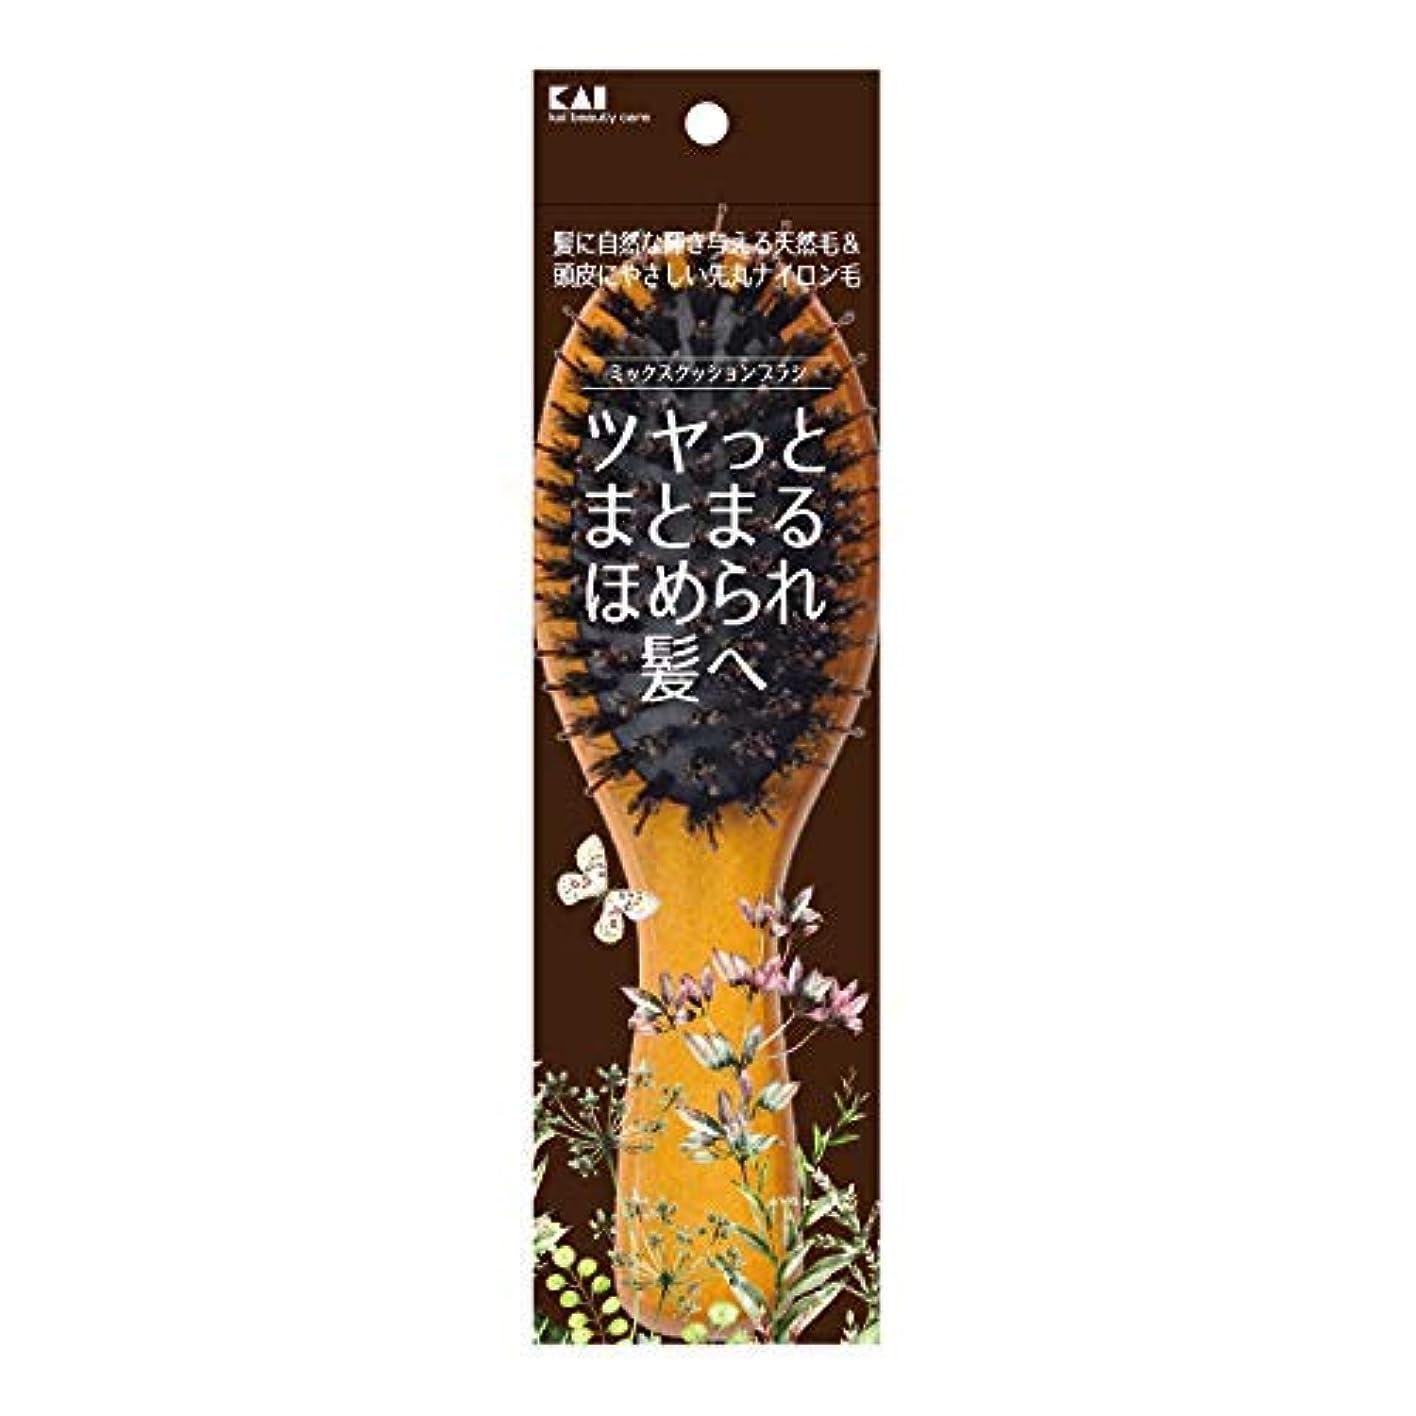 種びんバターKQ3159 ミックスクッションブラシ × 12個セット